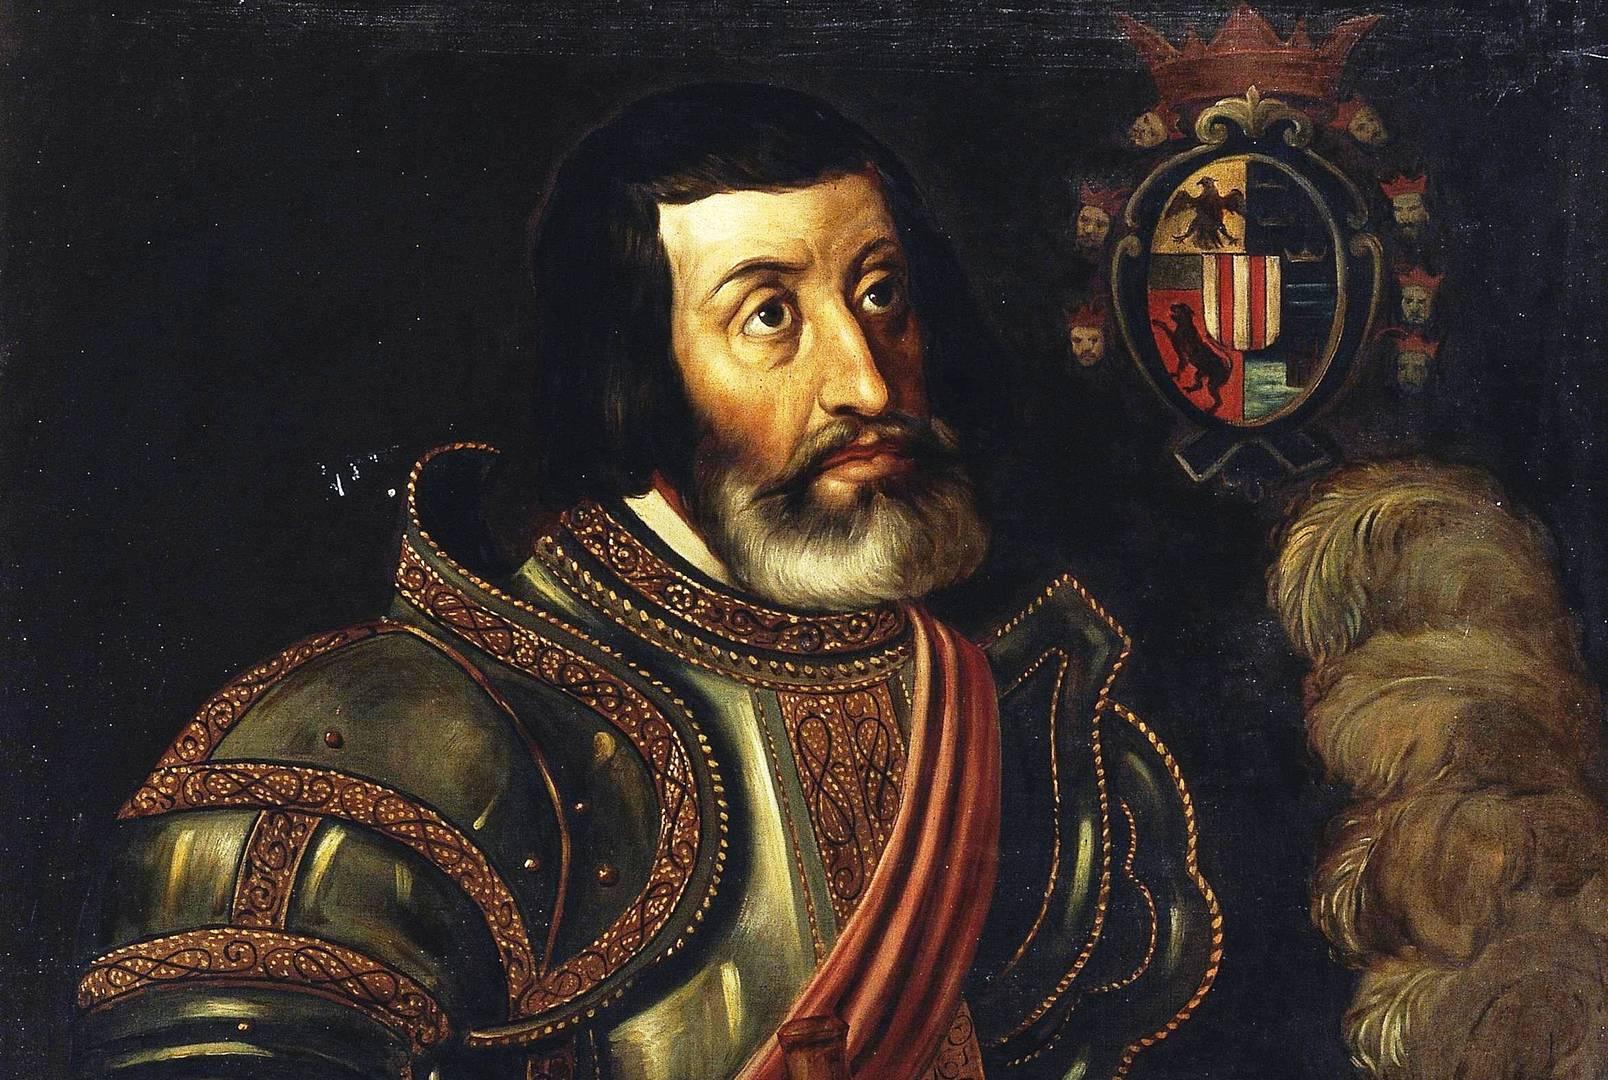 Opinión: El astrólogo de Hernán Cortés ante la constelación de cáncer